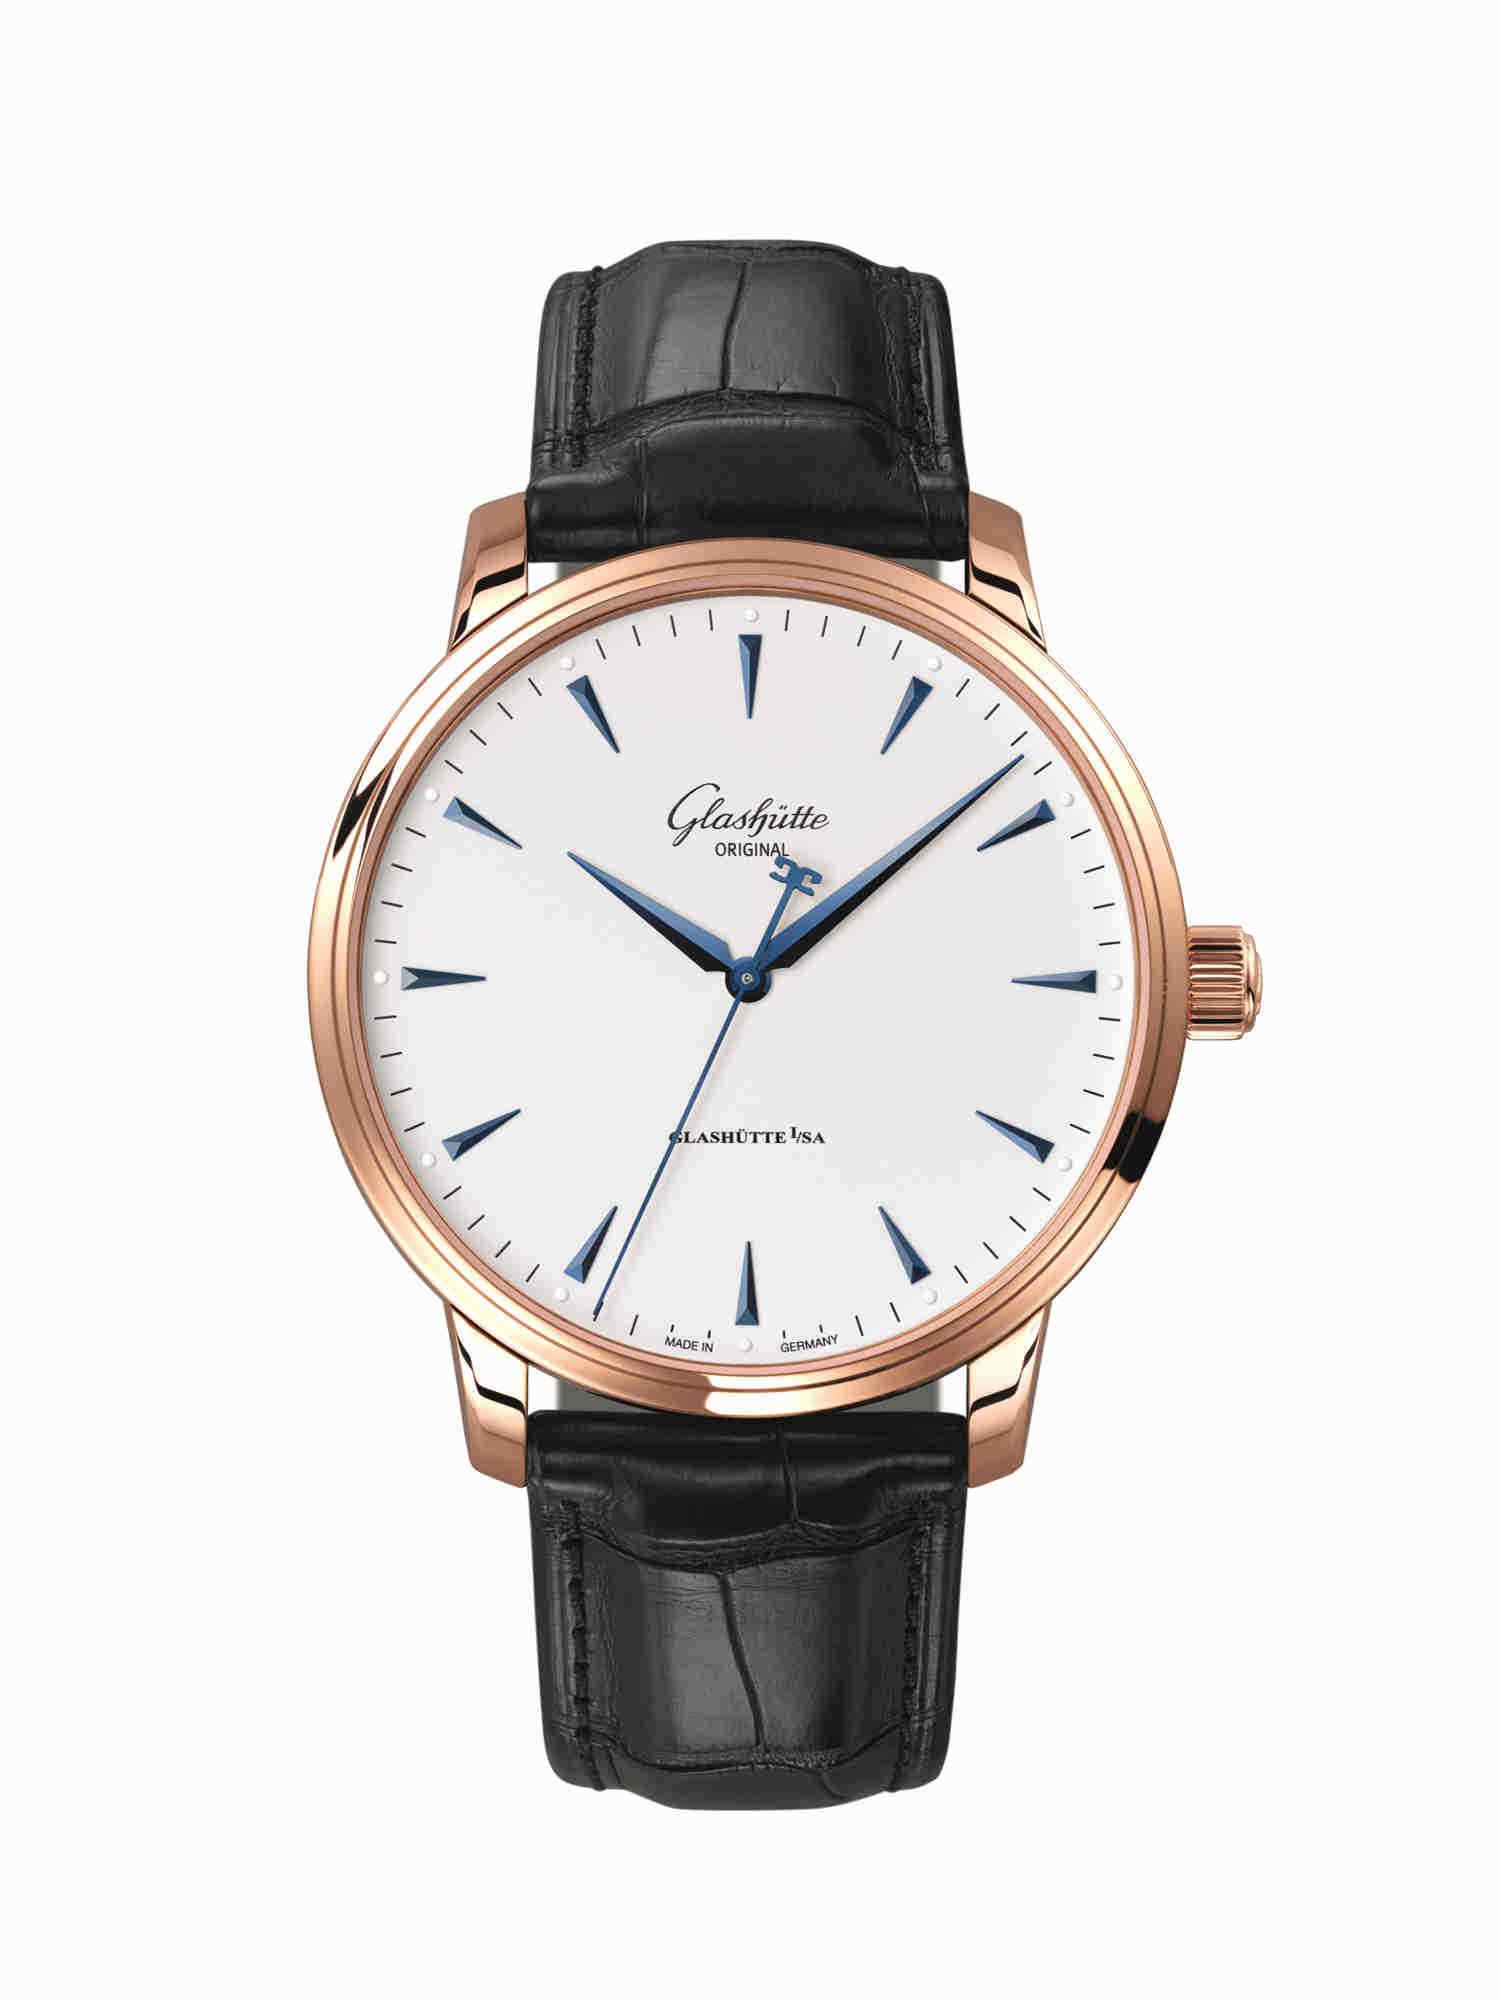 来自德国的原创腕表:为中国鉴赏家定制的议员卓越系列新款腕表